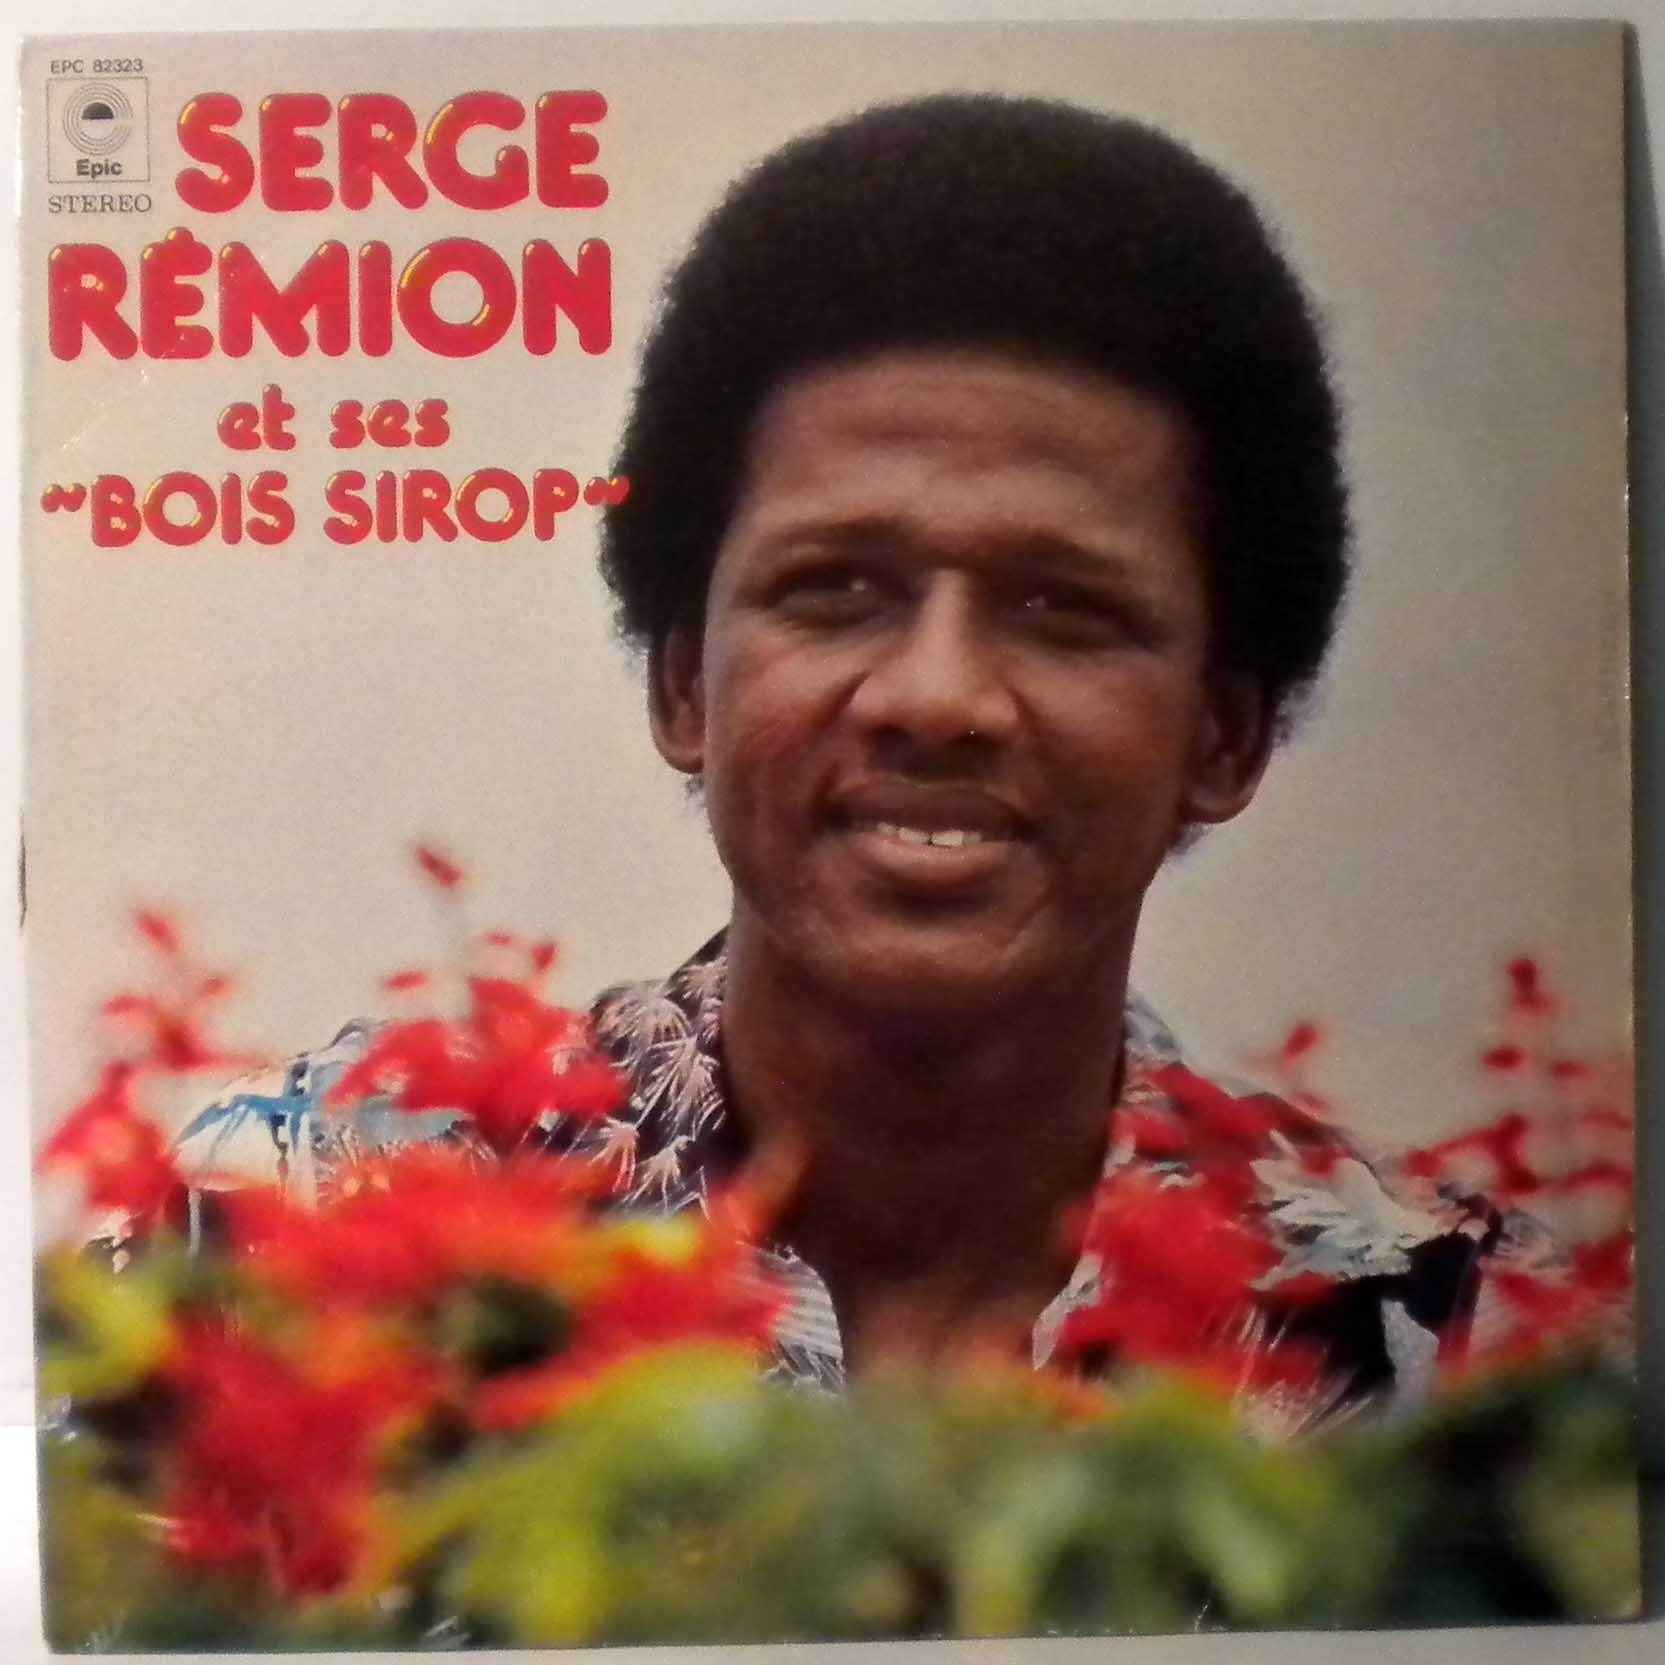 SERGE REMION ET SES BOIS SIROP - Same - LP